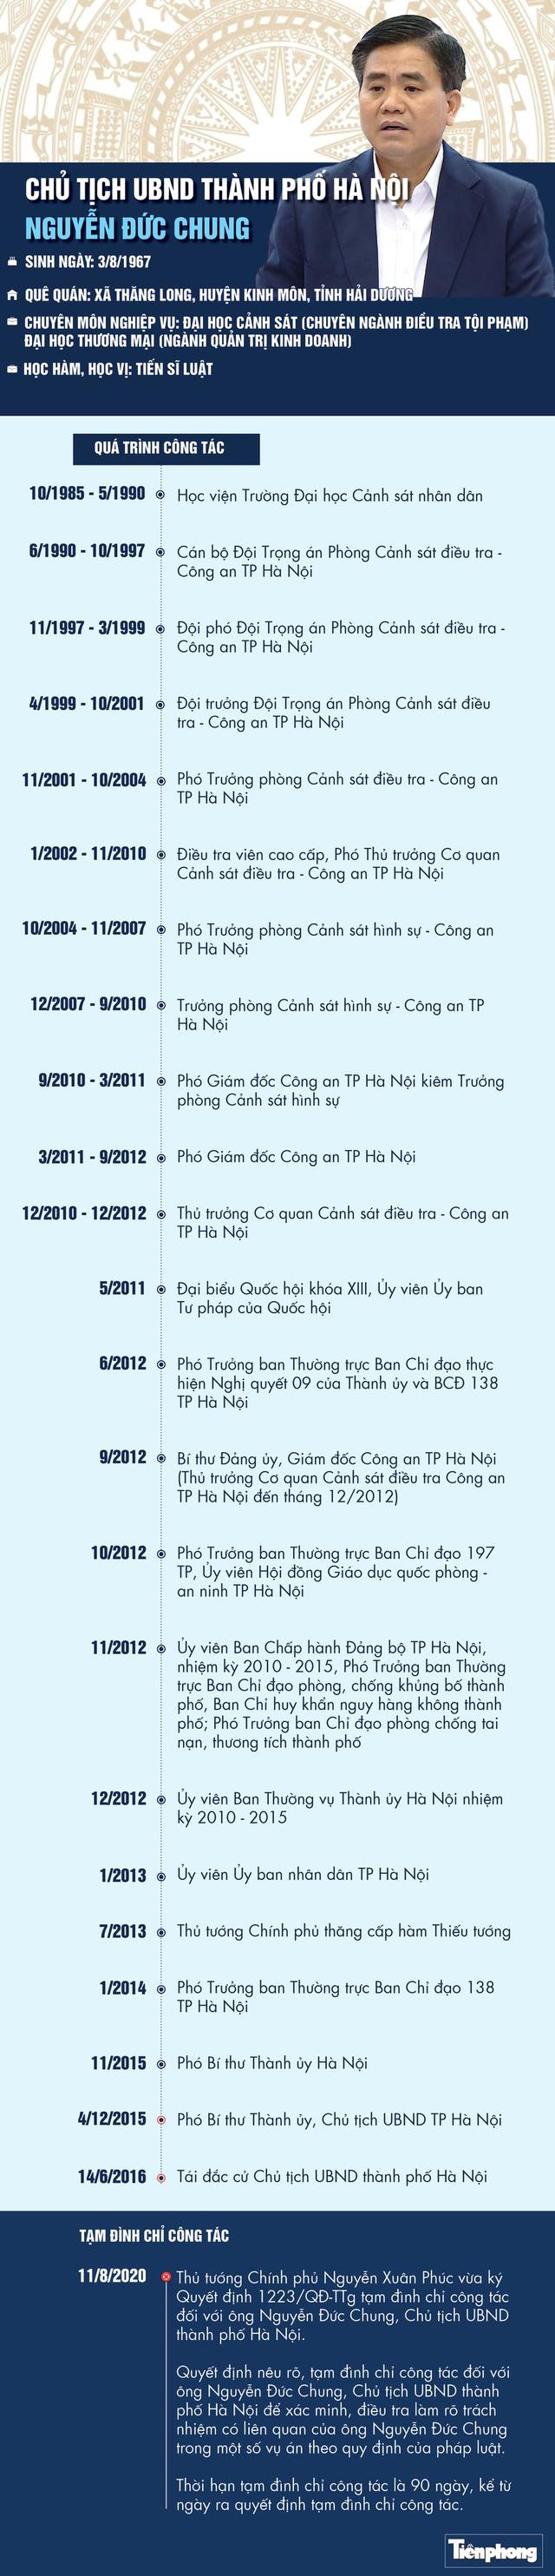 Quá trình công tác của Chủ tịch TP Hà Nội Nguyễn Đức Chung  - Ảnh 1.